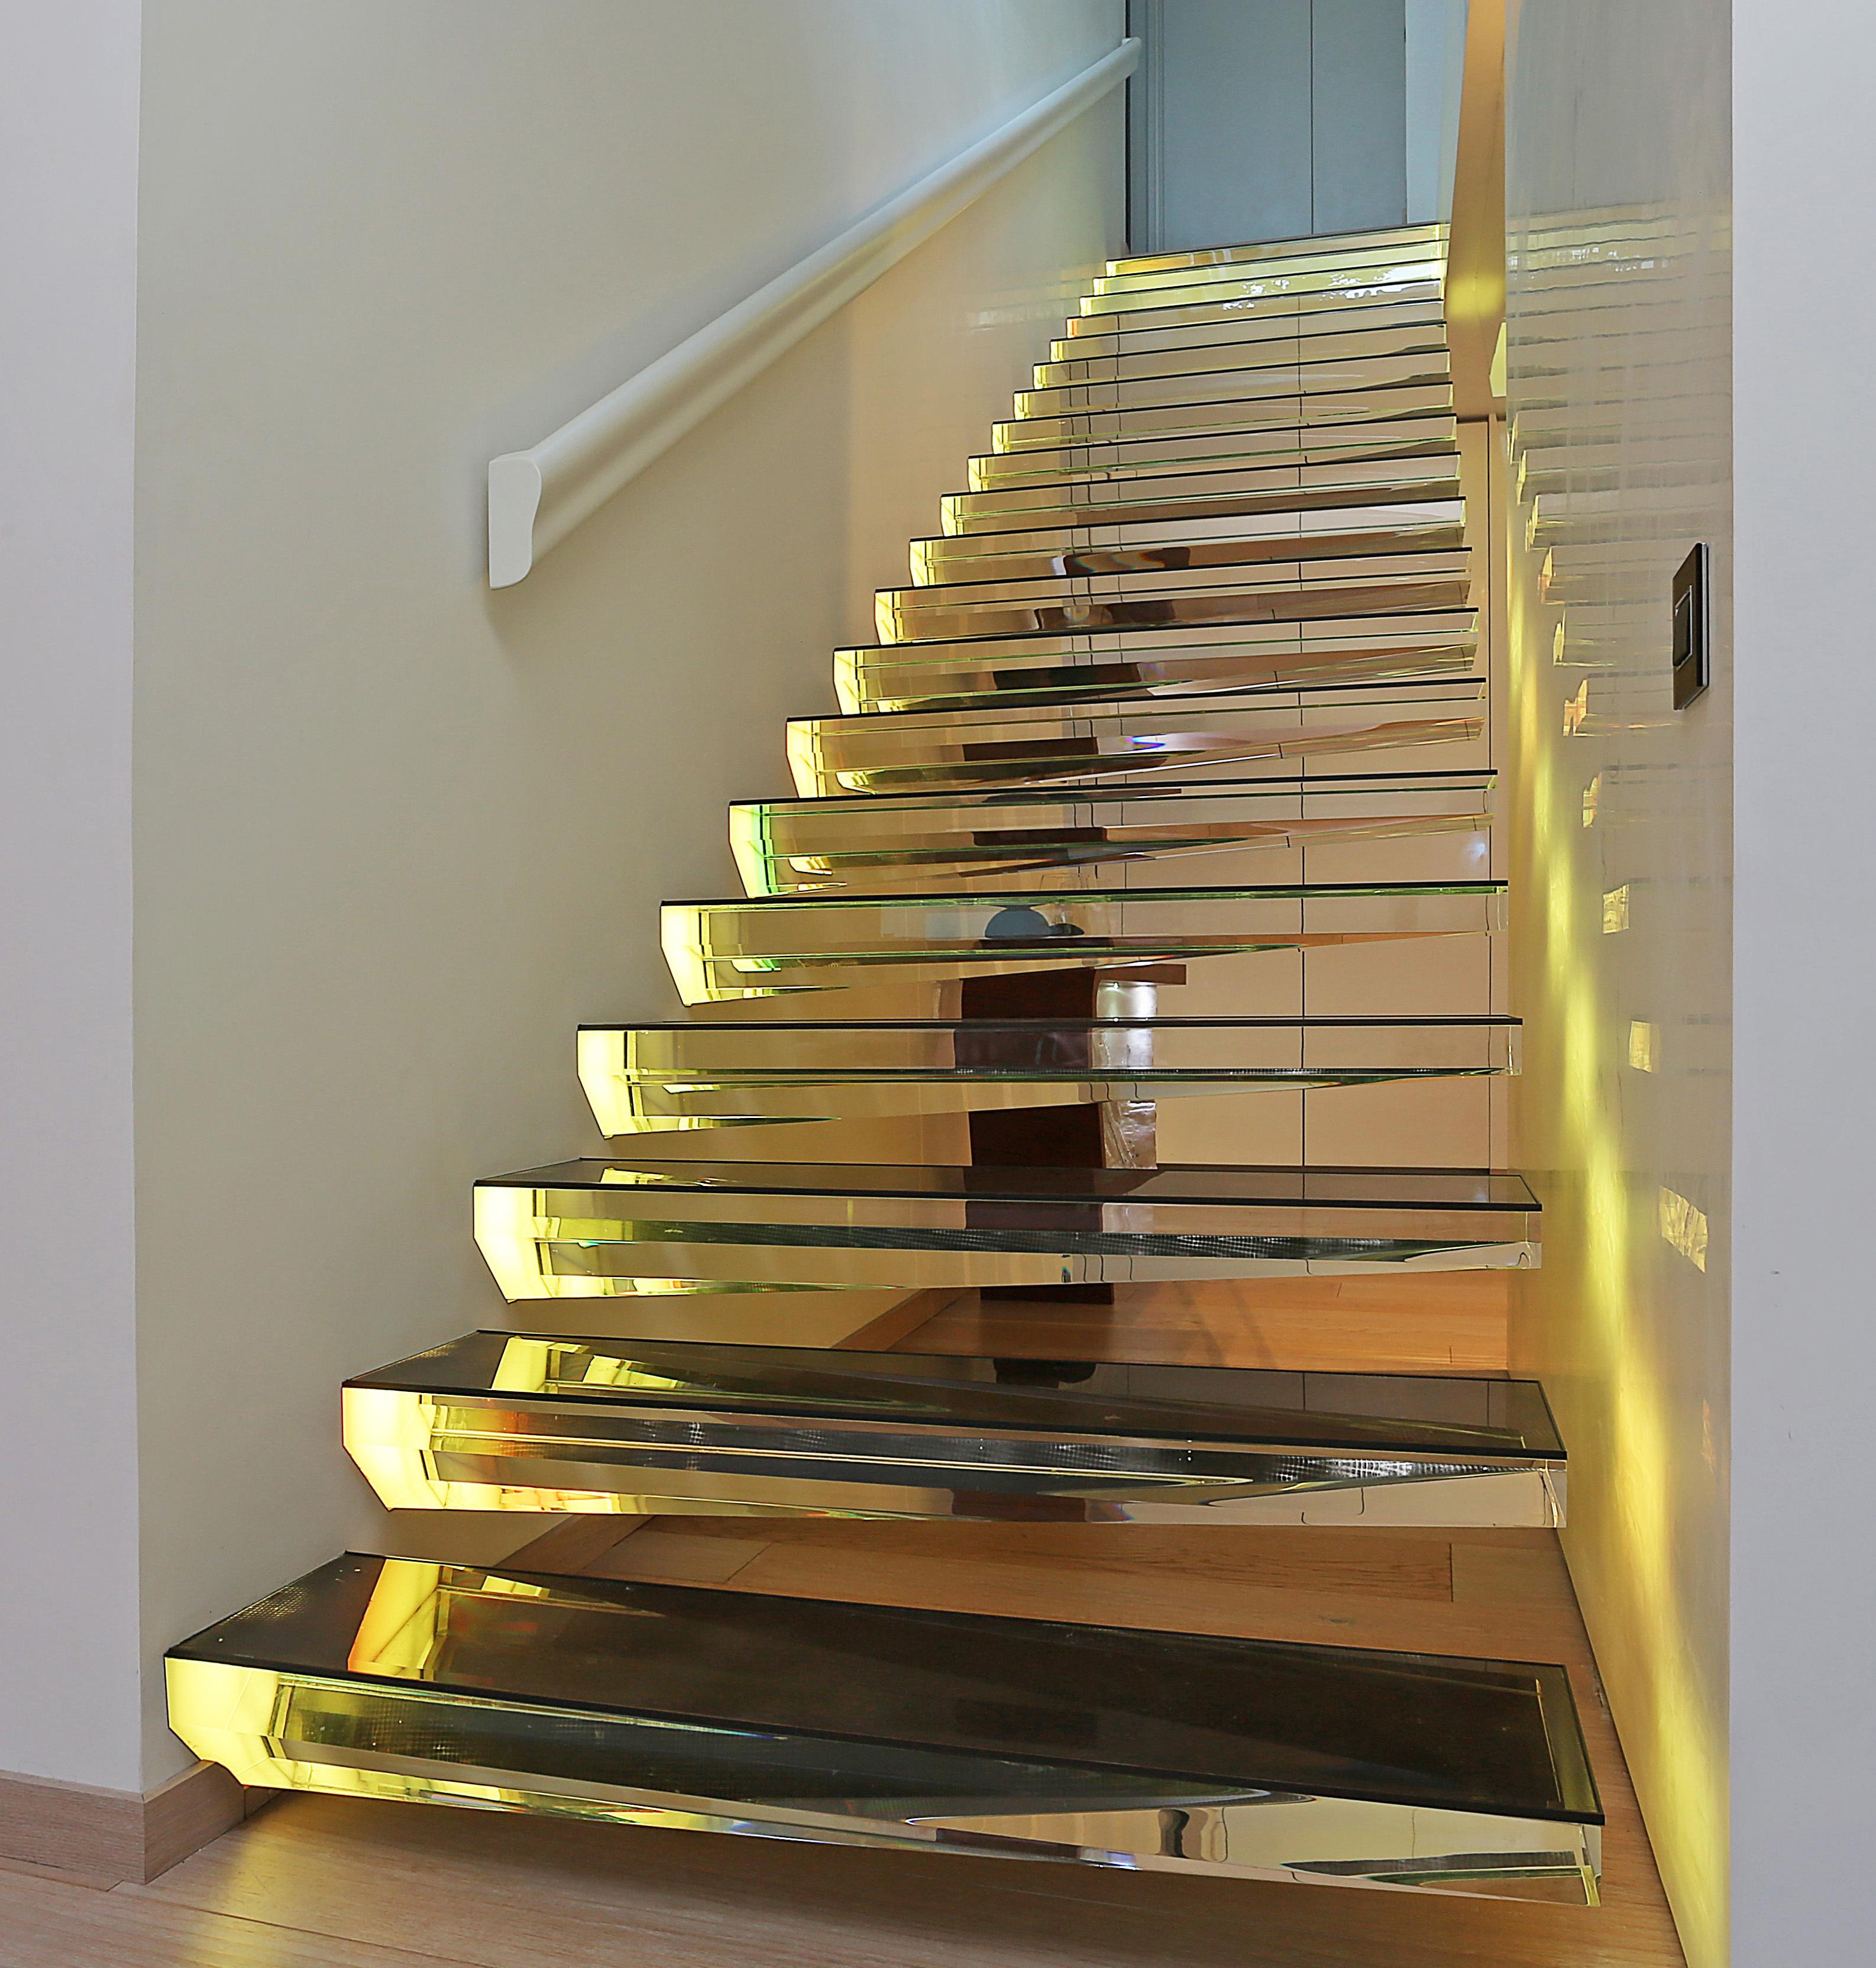 Absturzsicherung Treppe siller hat eine transparente treppe entworfen stylepark